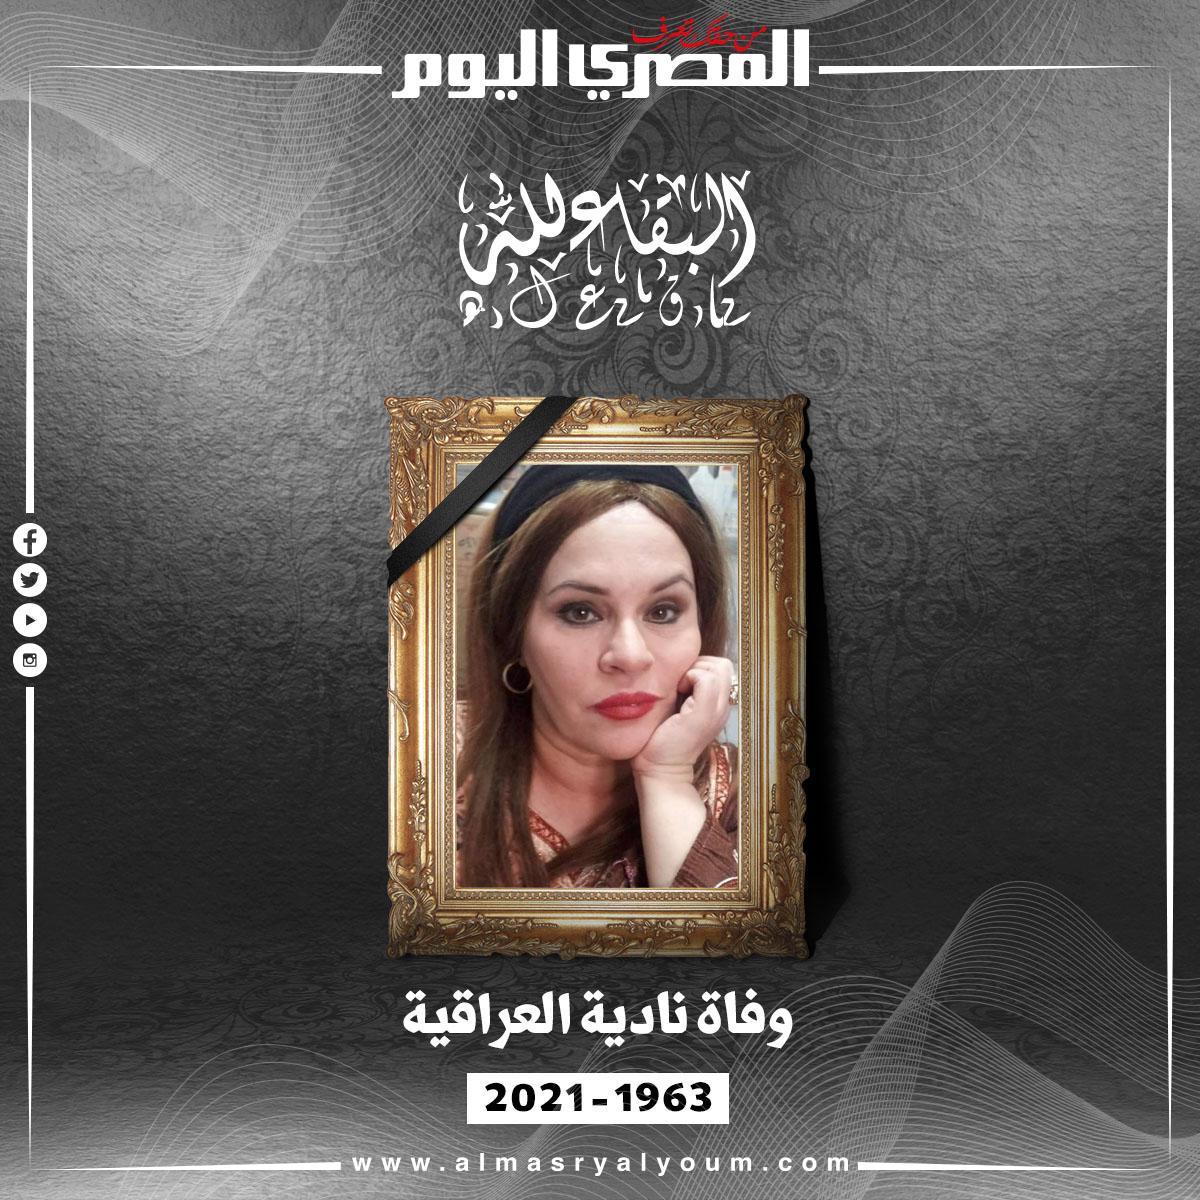 عاجل وفاة الفنانة نادية العراقية بعد إصابتها بـ كورونا